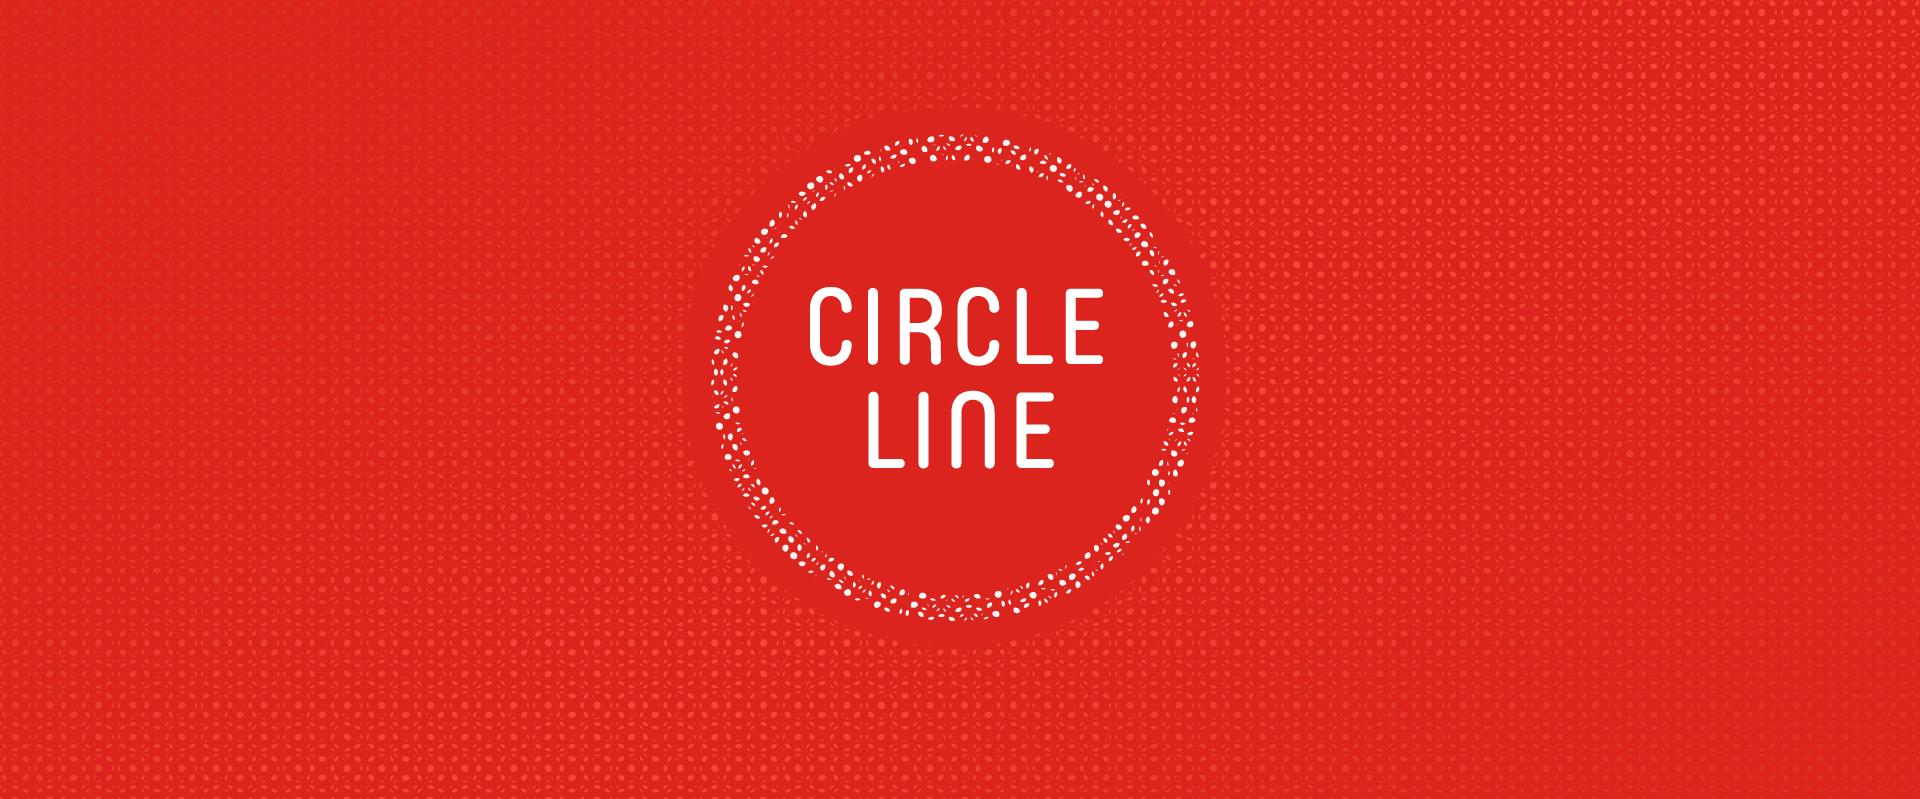 logo-circle-line